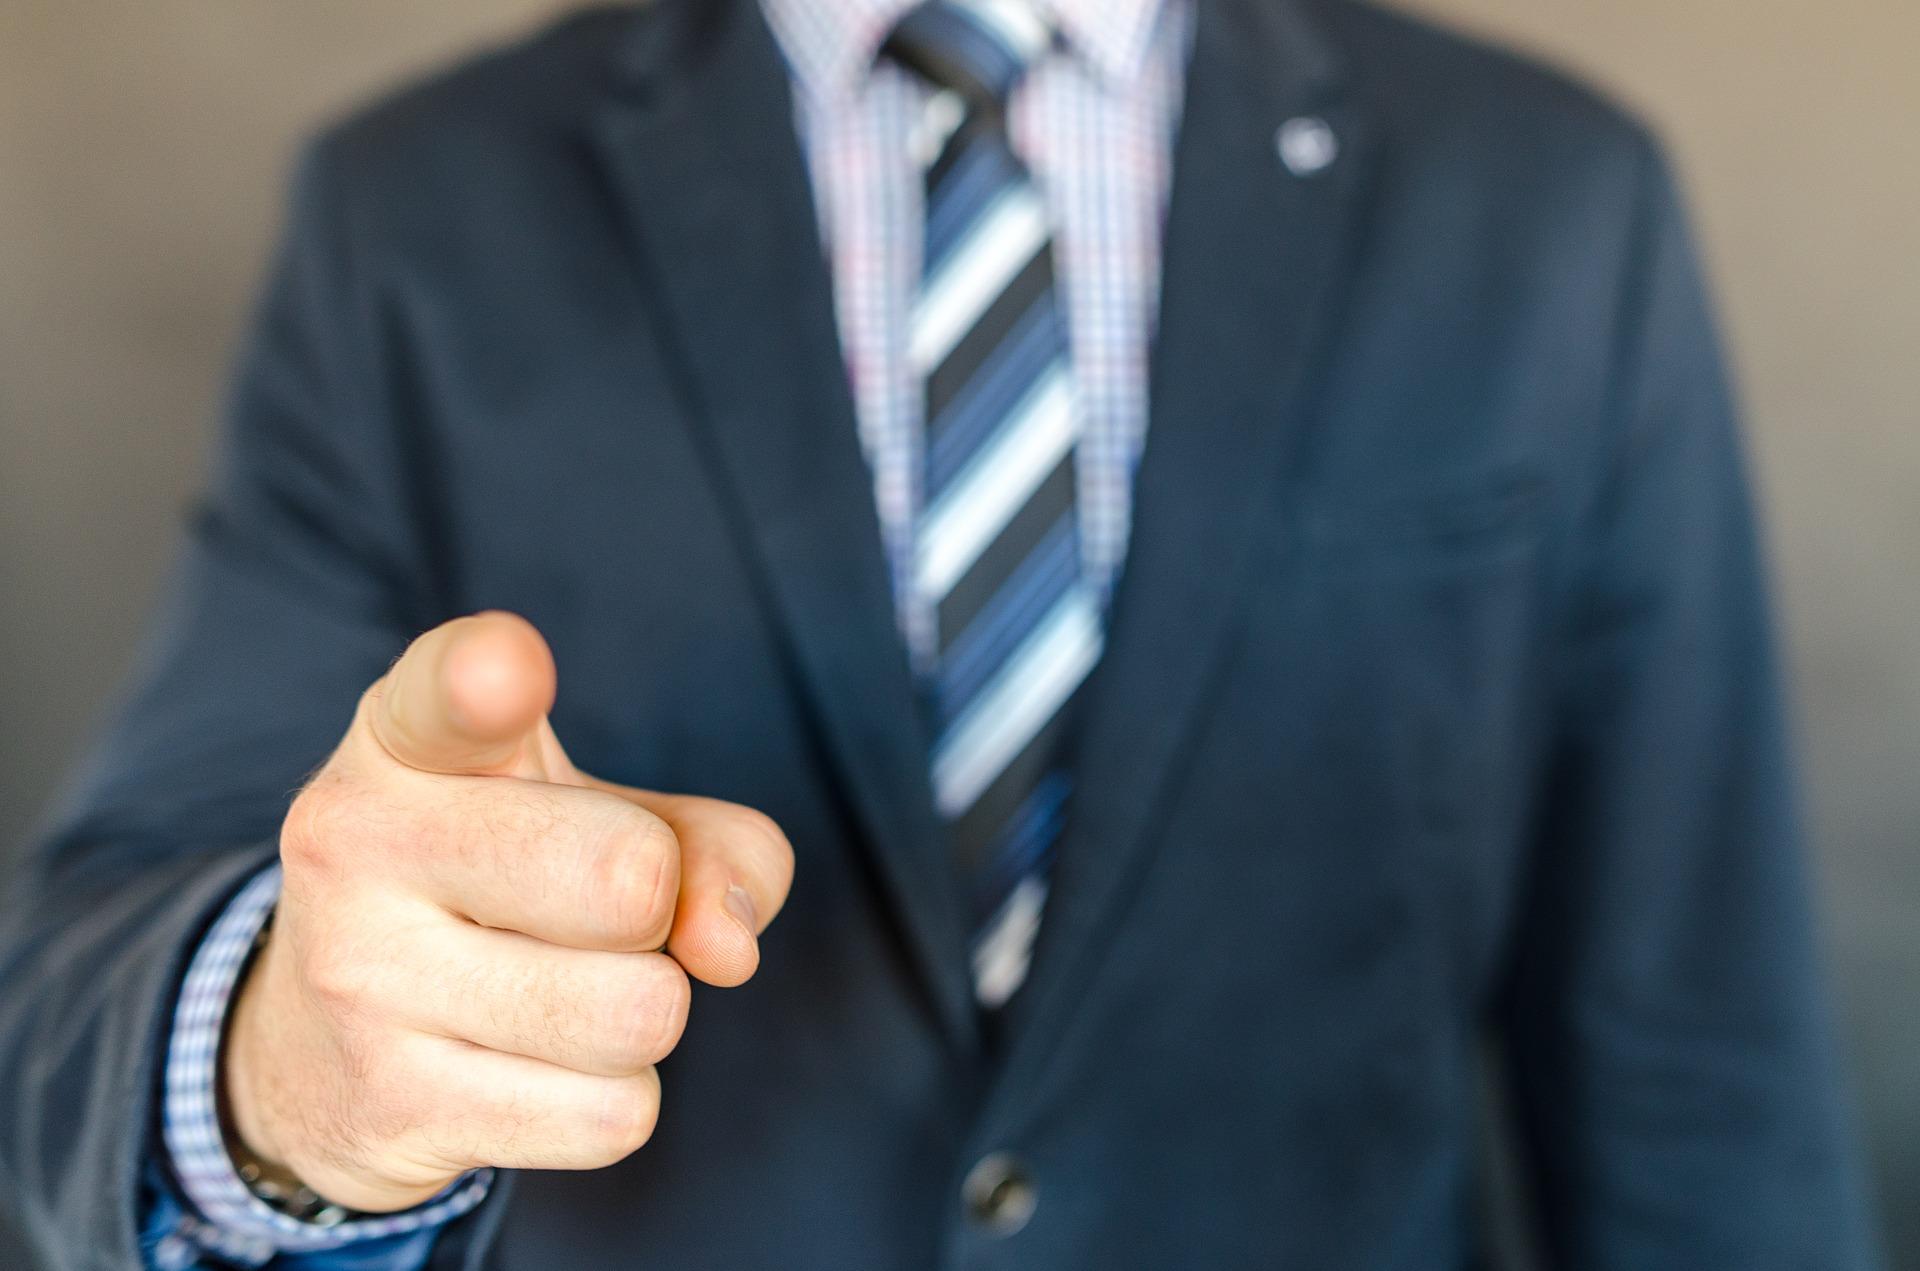 Según los estudios, hay más psicópatas integrados entre los altos directivos.